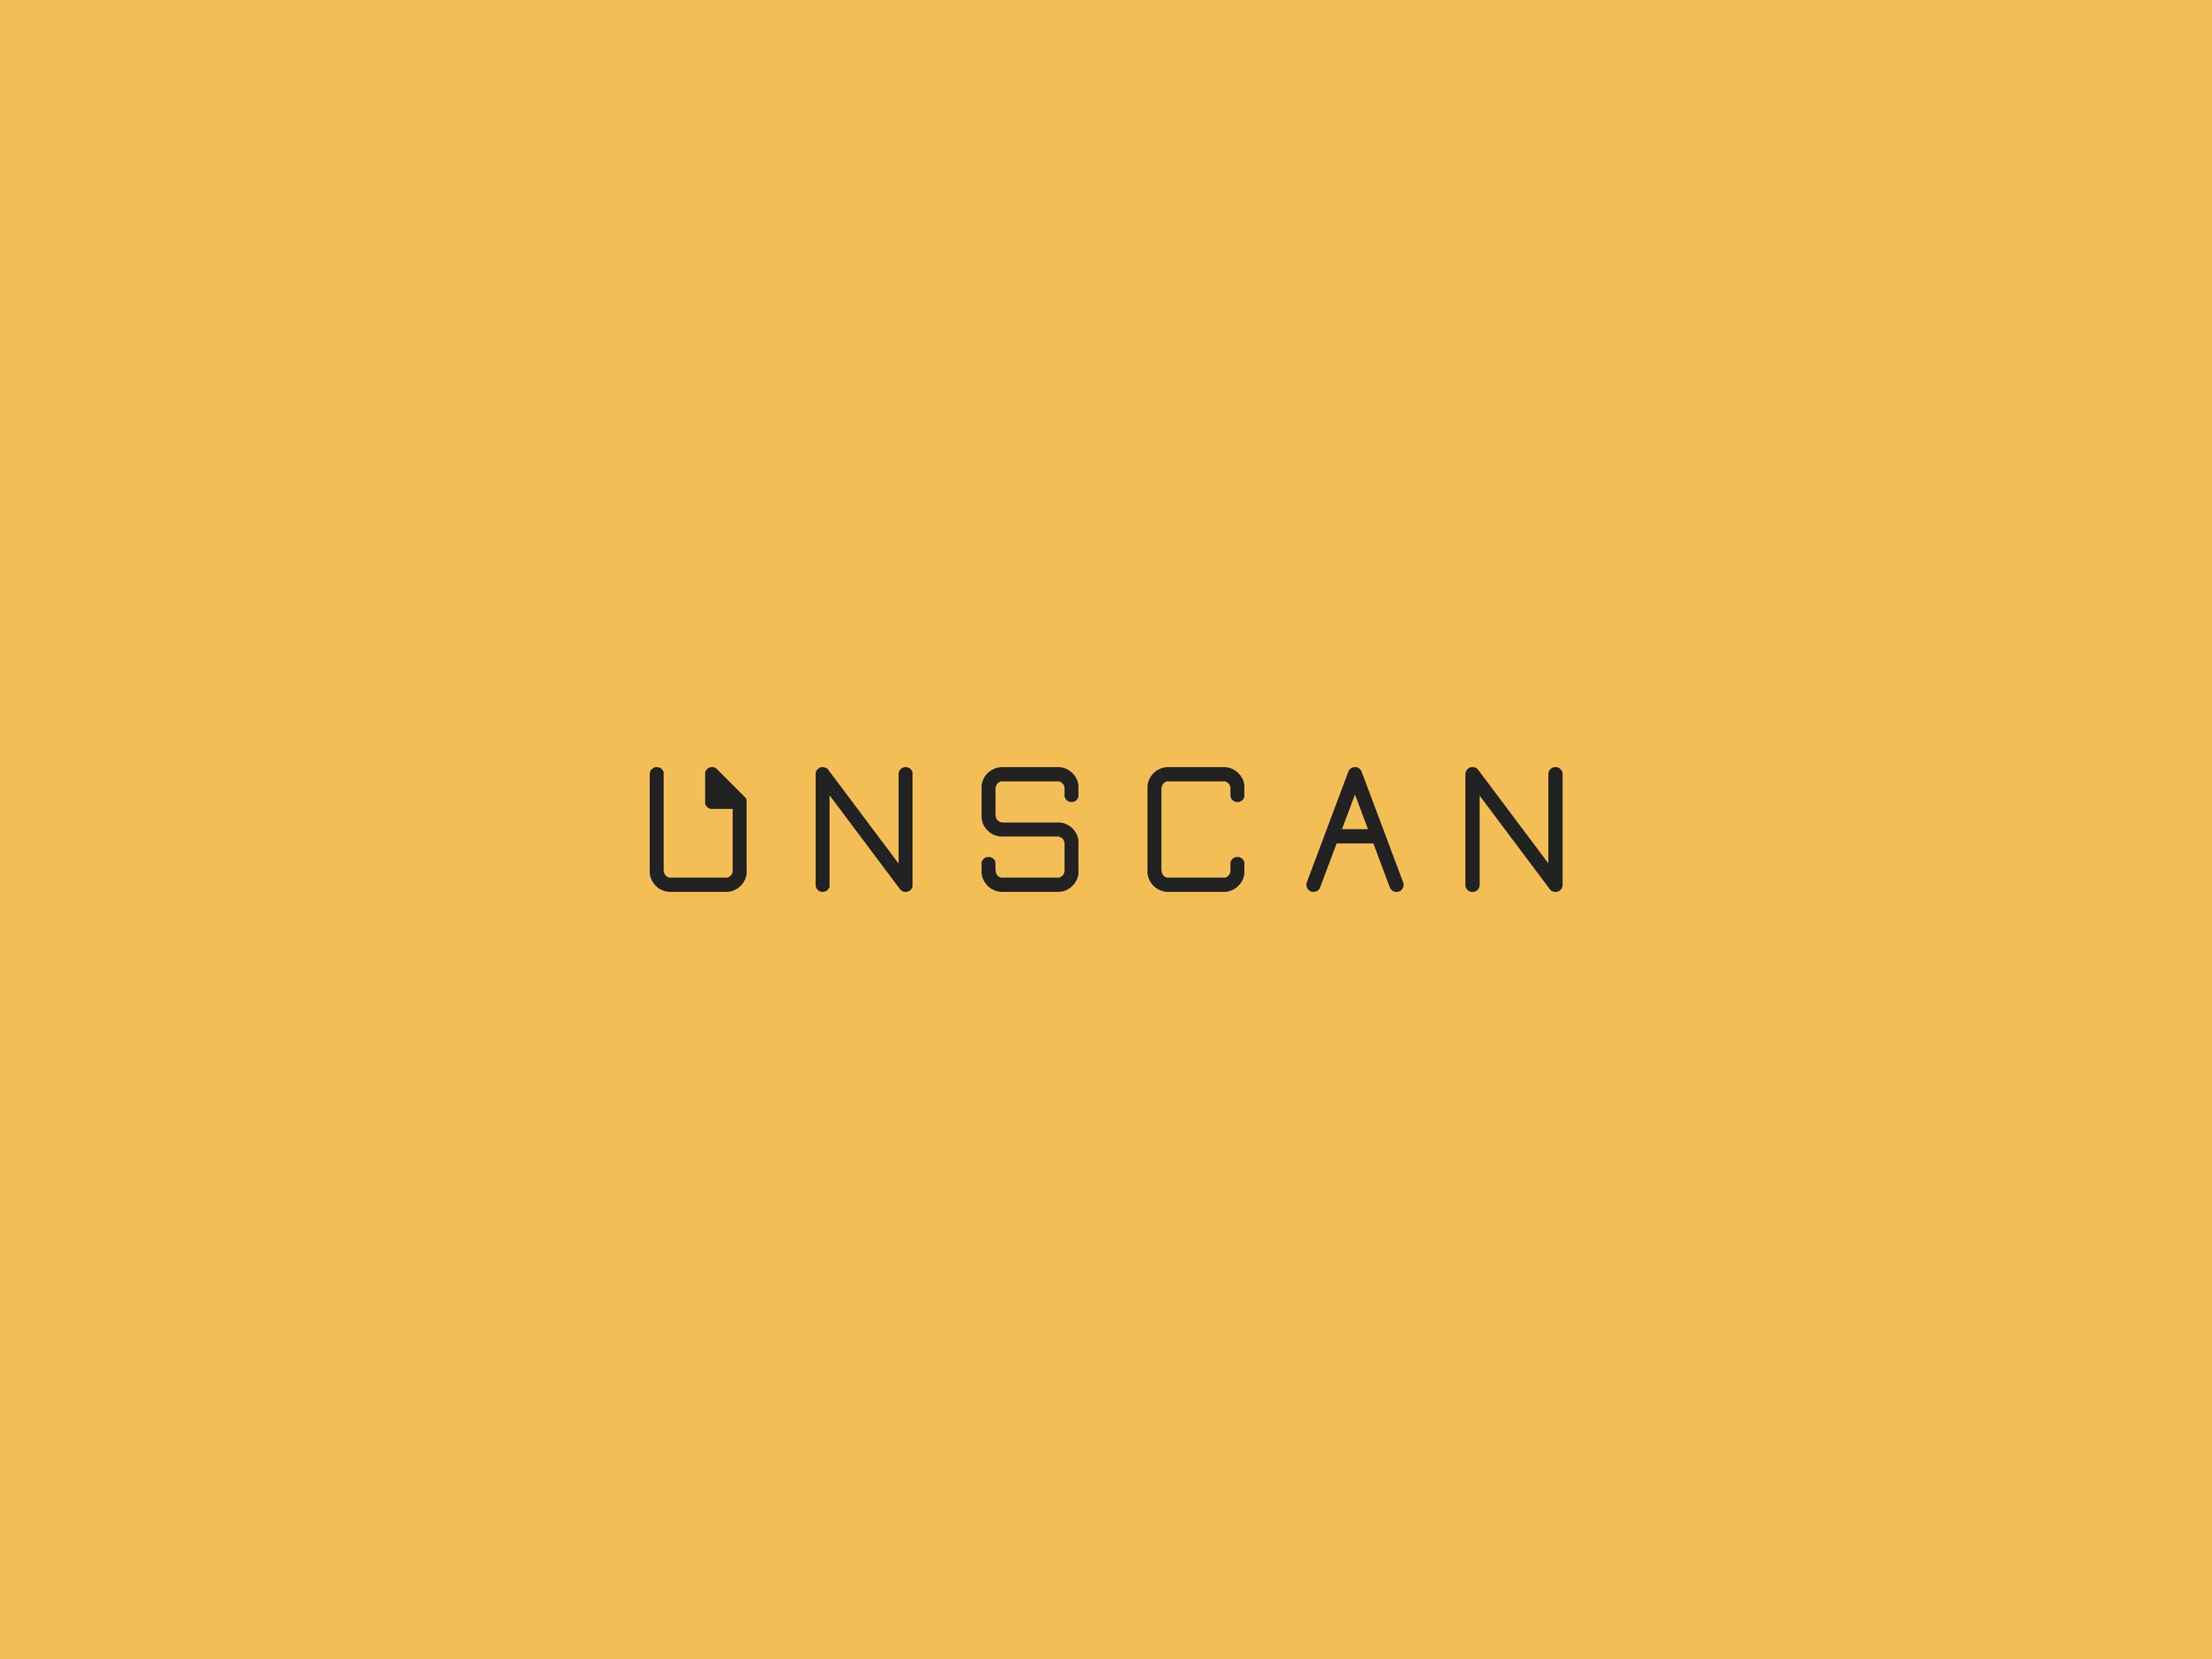 Unscan logo